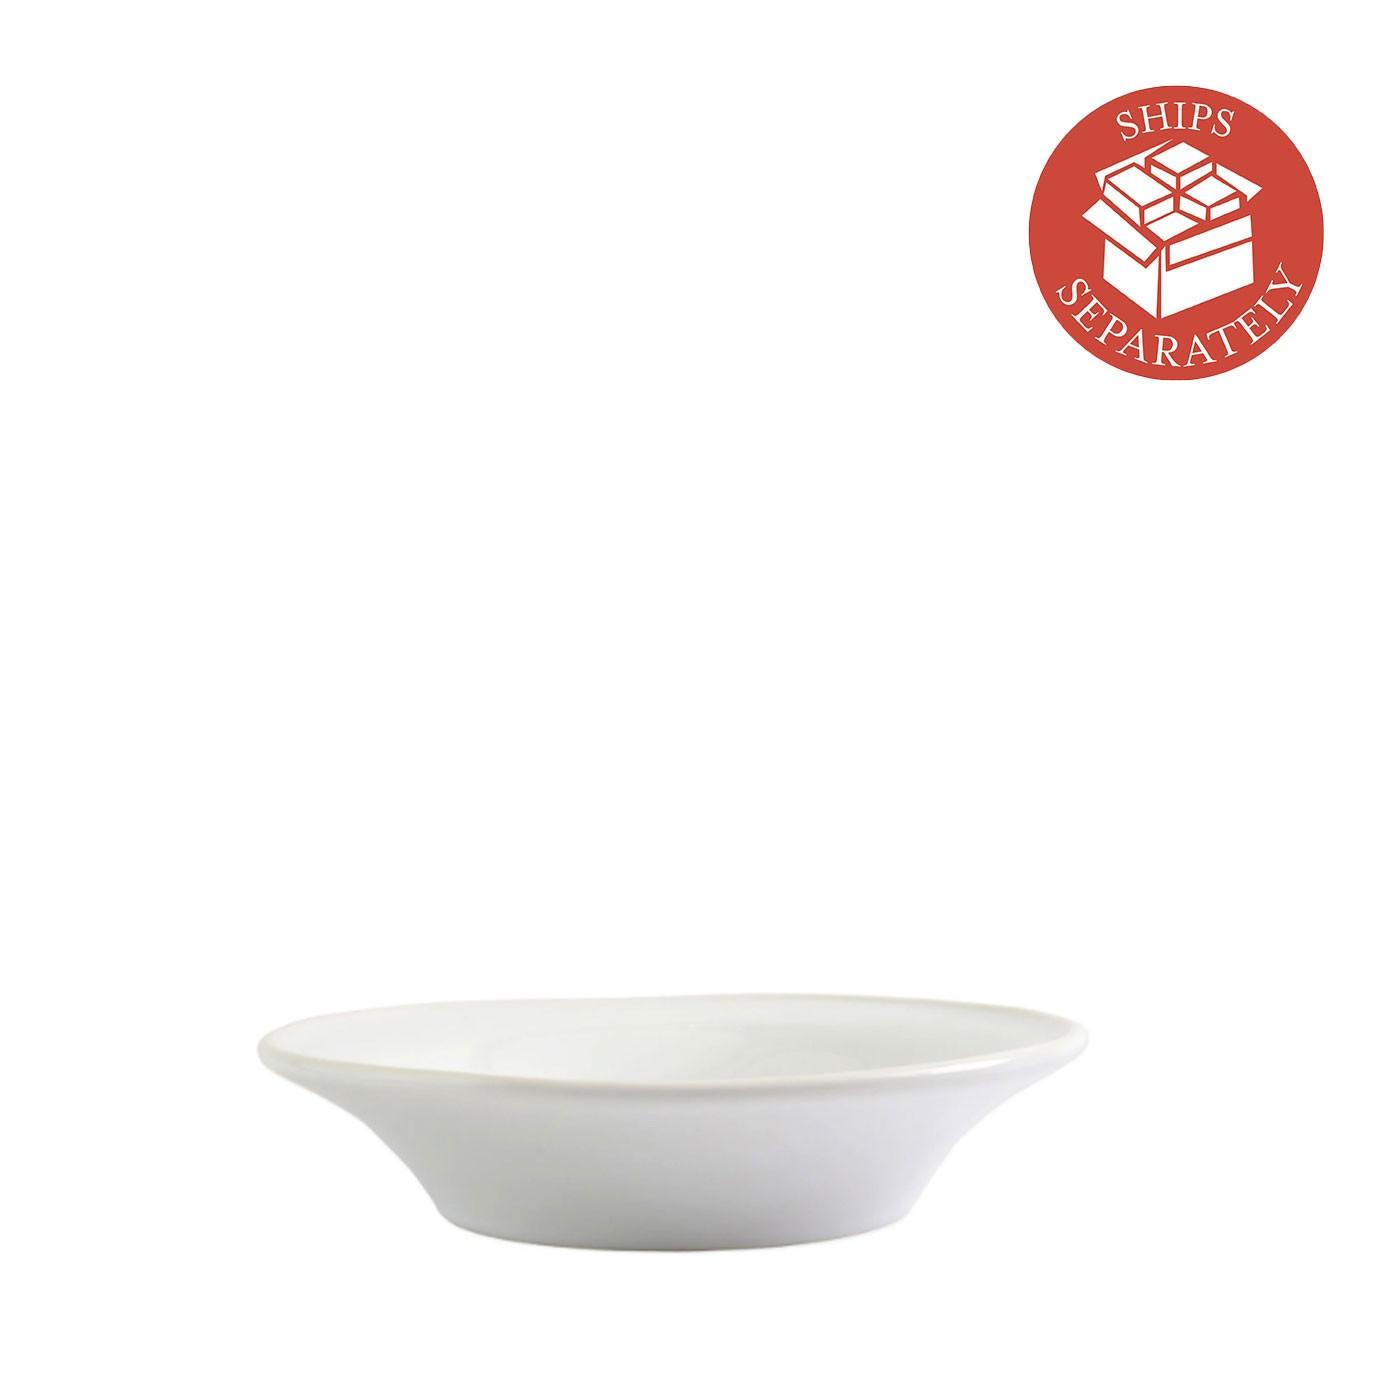 Chroma White Pasta Bowl - Vietri | Eataly.com